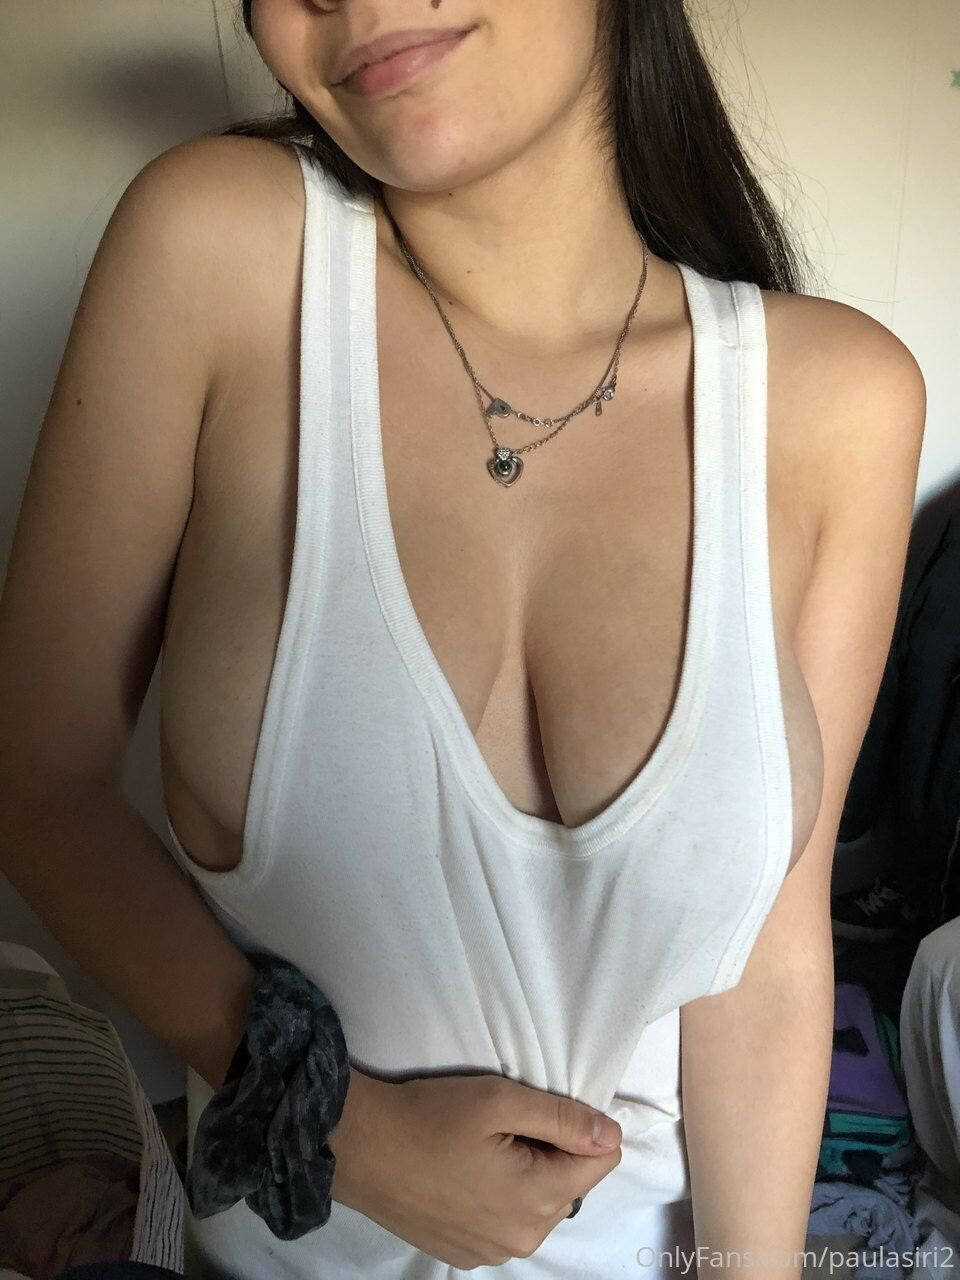 Paula Siri fotos xxx onlyfans amateur, fotos porno latinas